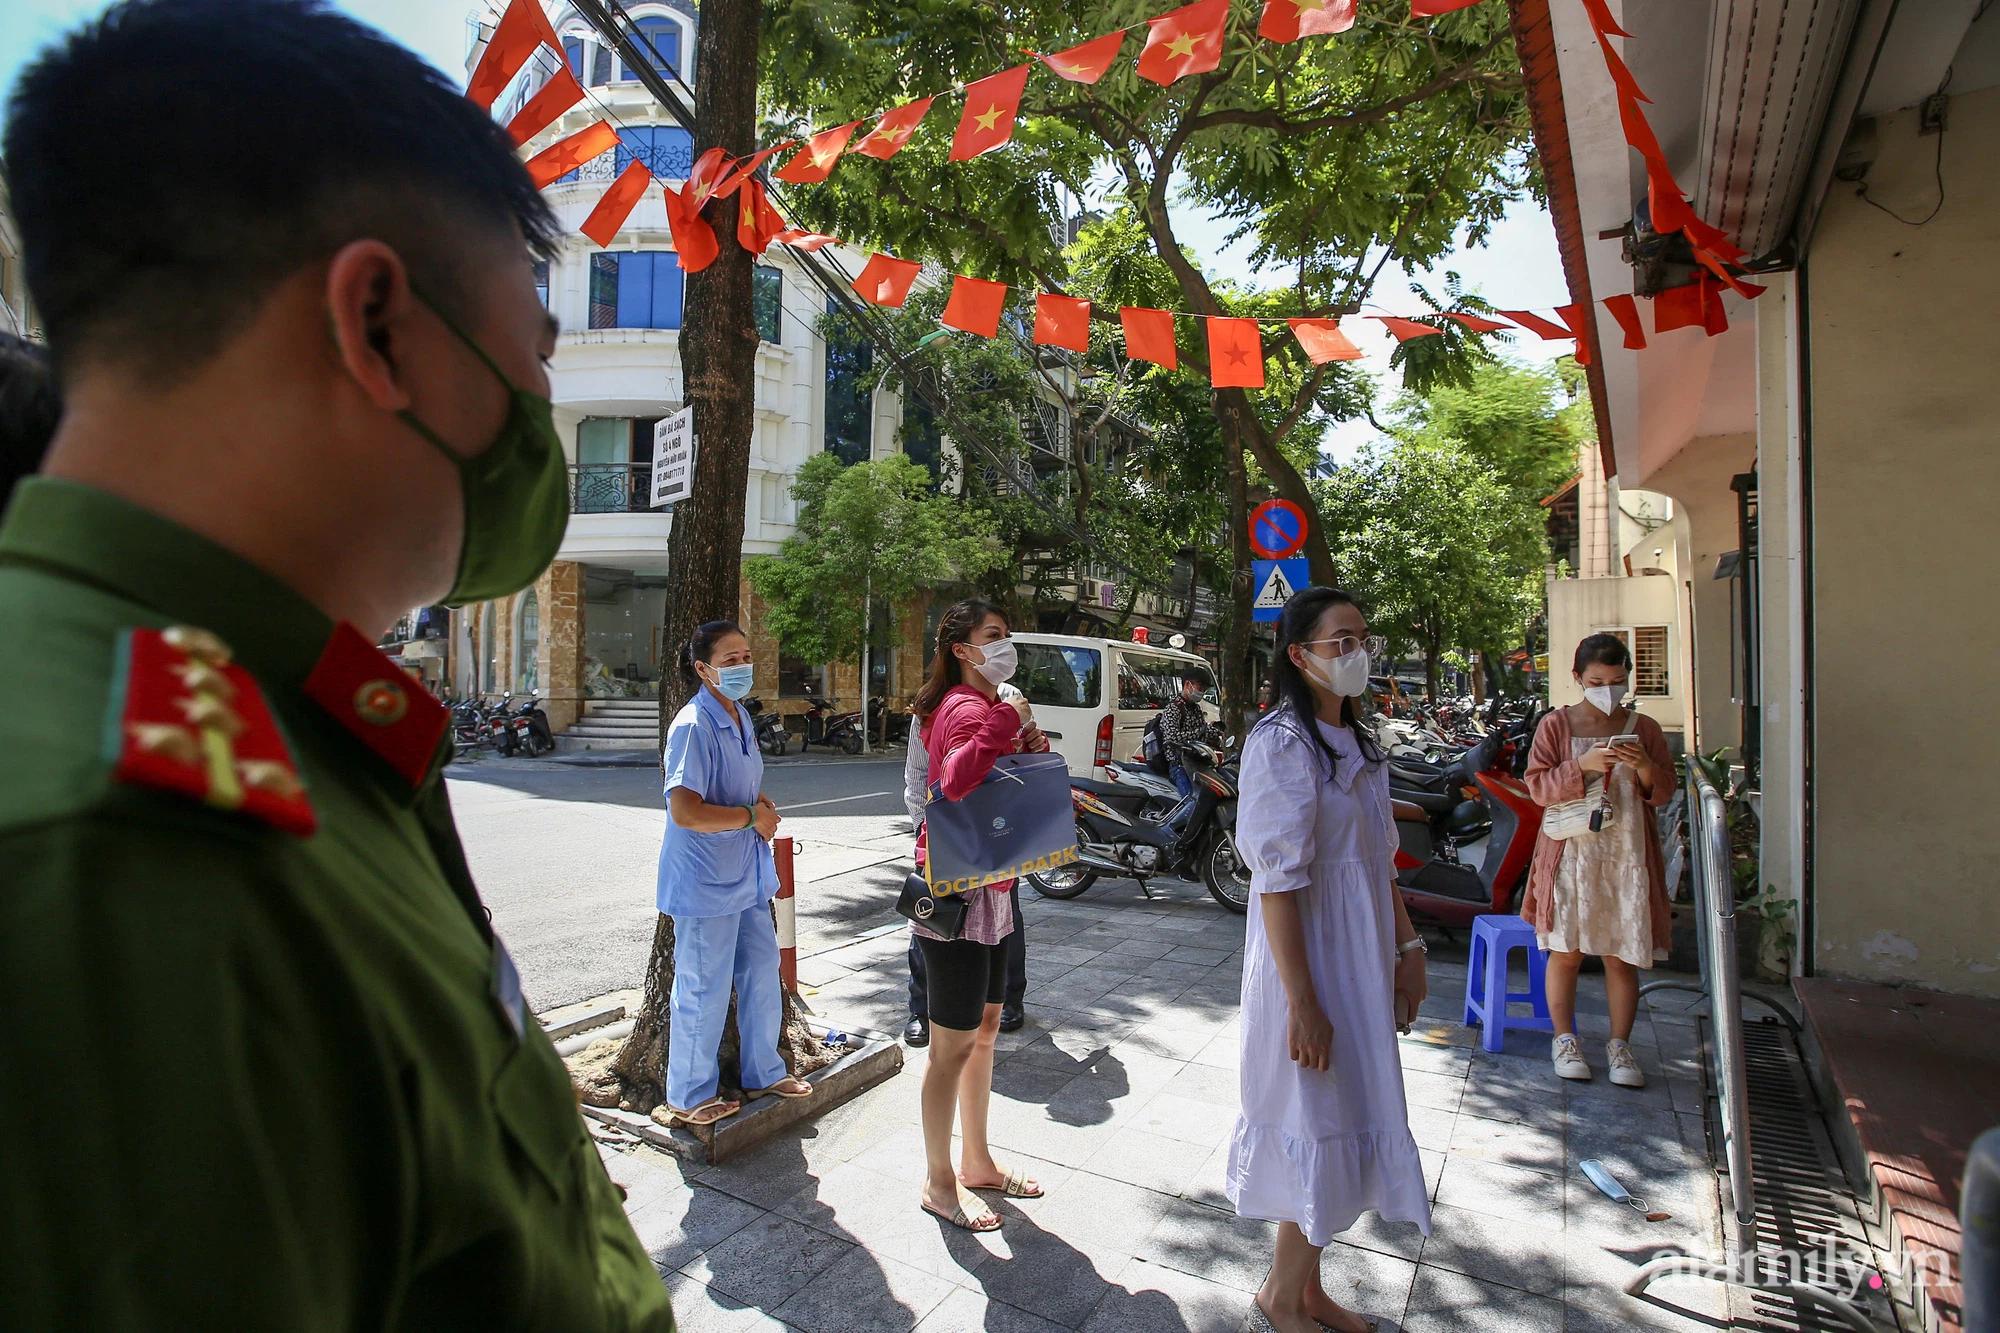 Ngày đầu tiên người dân Hà Nội bắt đầu được tiêm vaccine phòng dịch COVID-19 quy mô lớn nhất lịch sử - Ảnh 2.